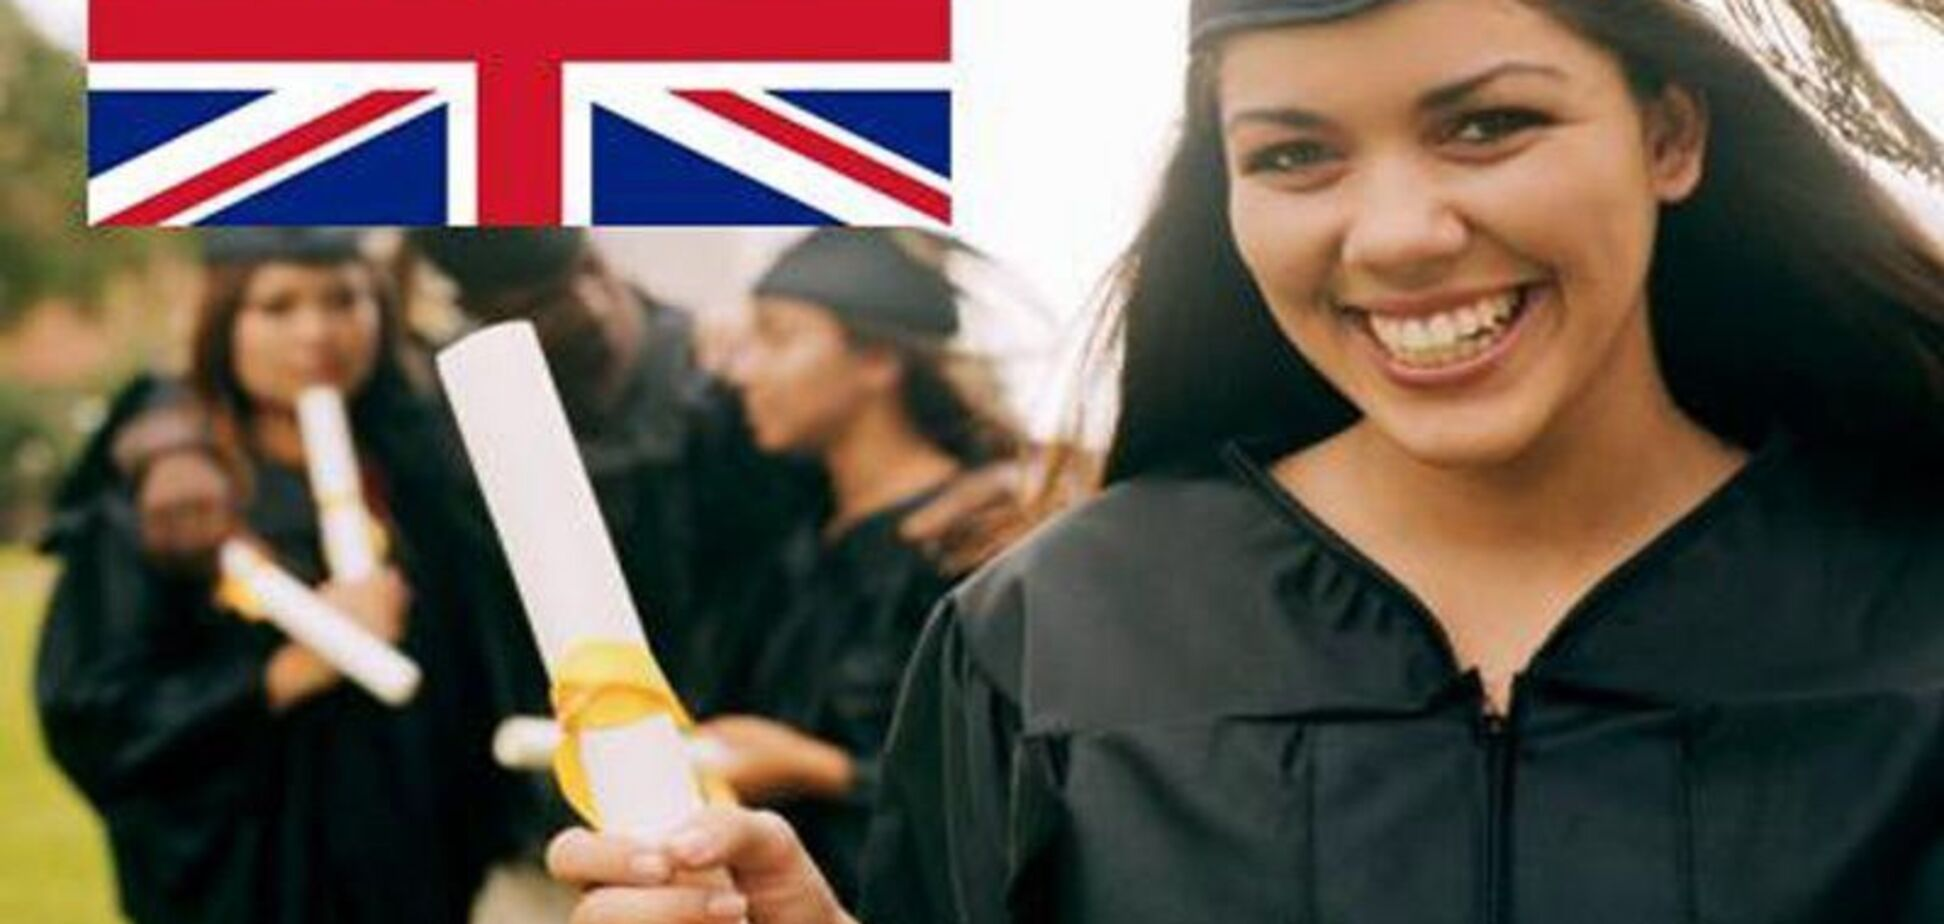 Українські студенти зможуть залишитись у Британії після закінчення навчання: подробиці